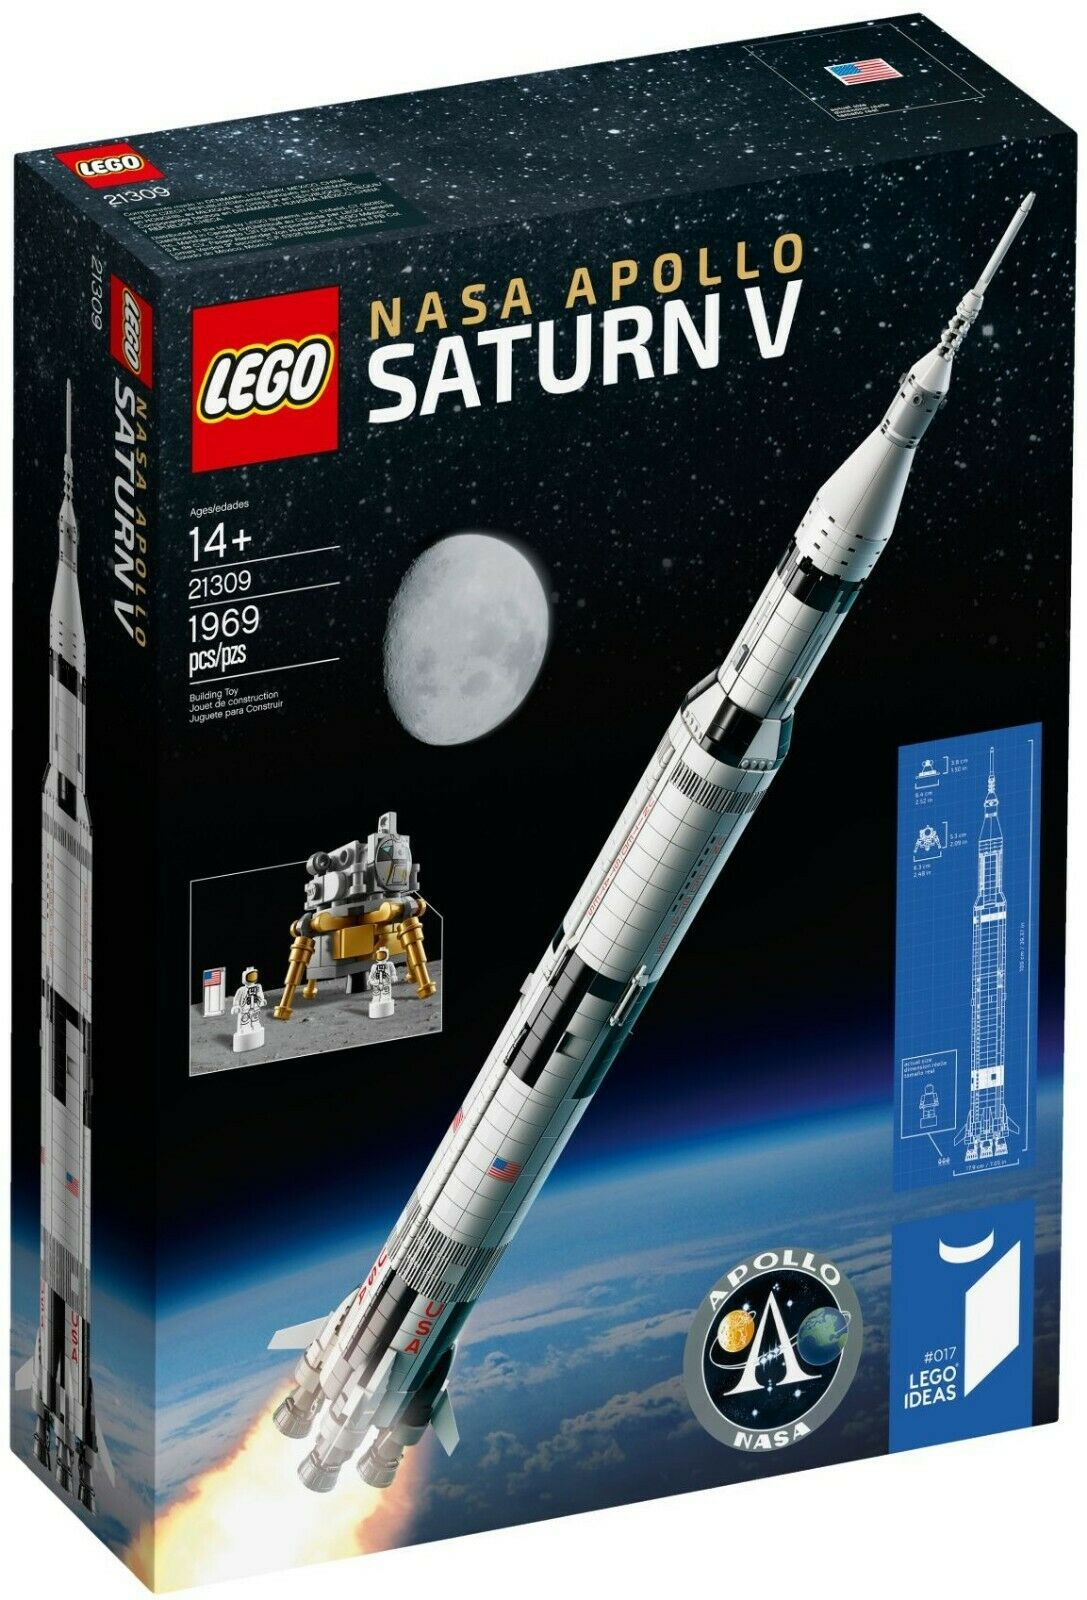 LEGO 21309 - Ideas - NASA Apollo Saturn V (Mondlandung Rakete USA Weltall)